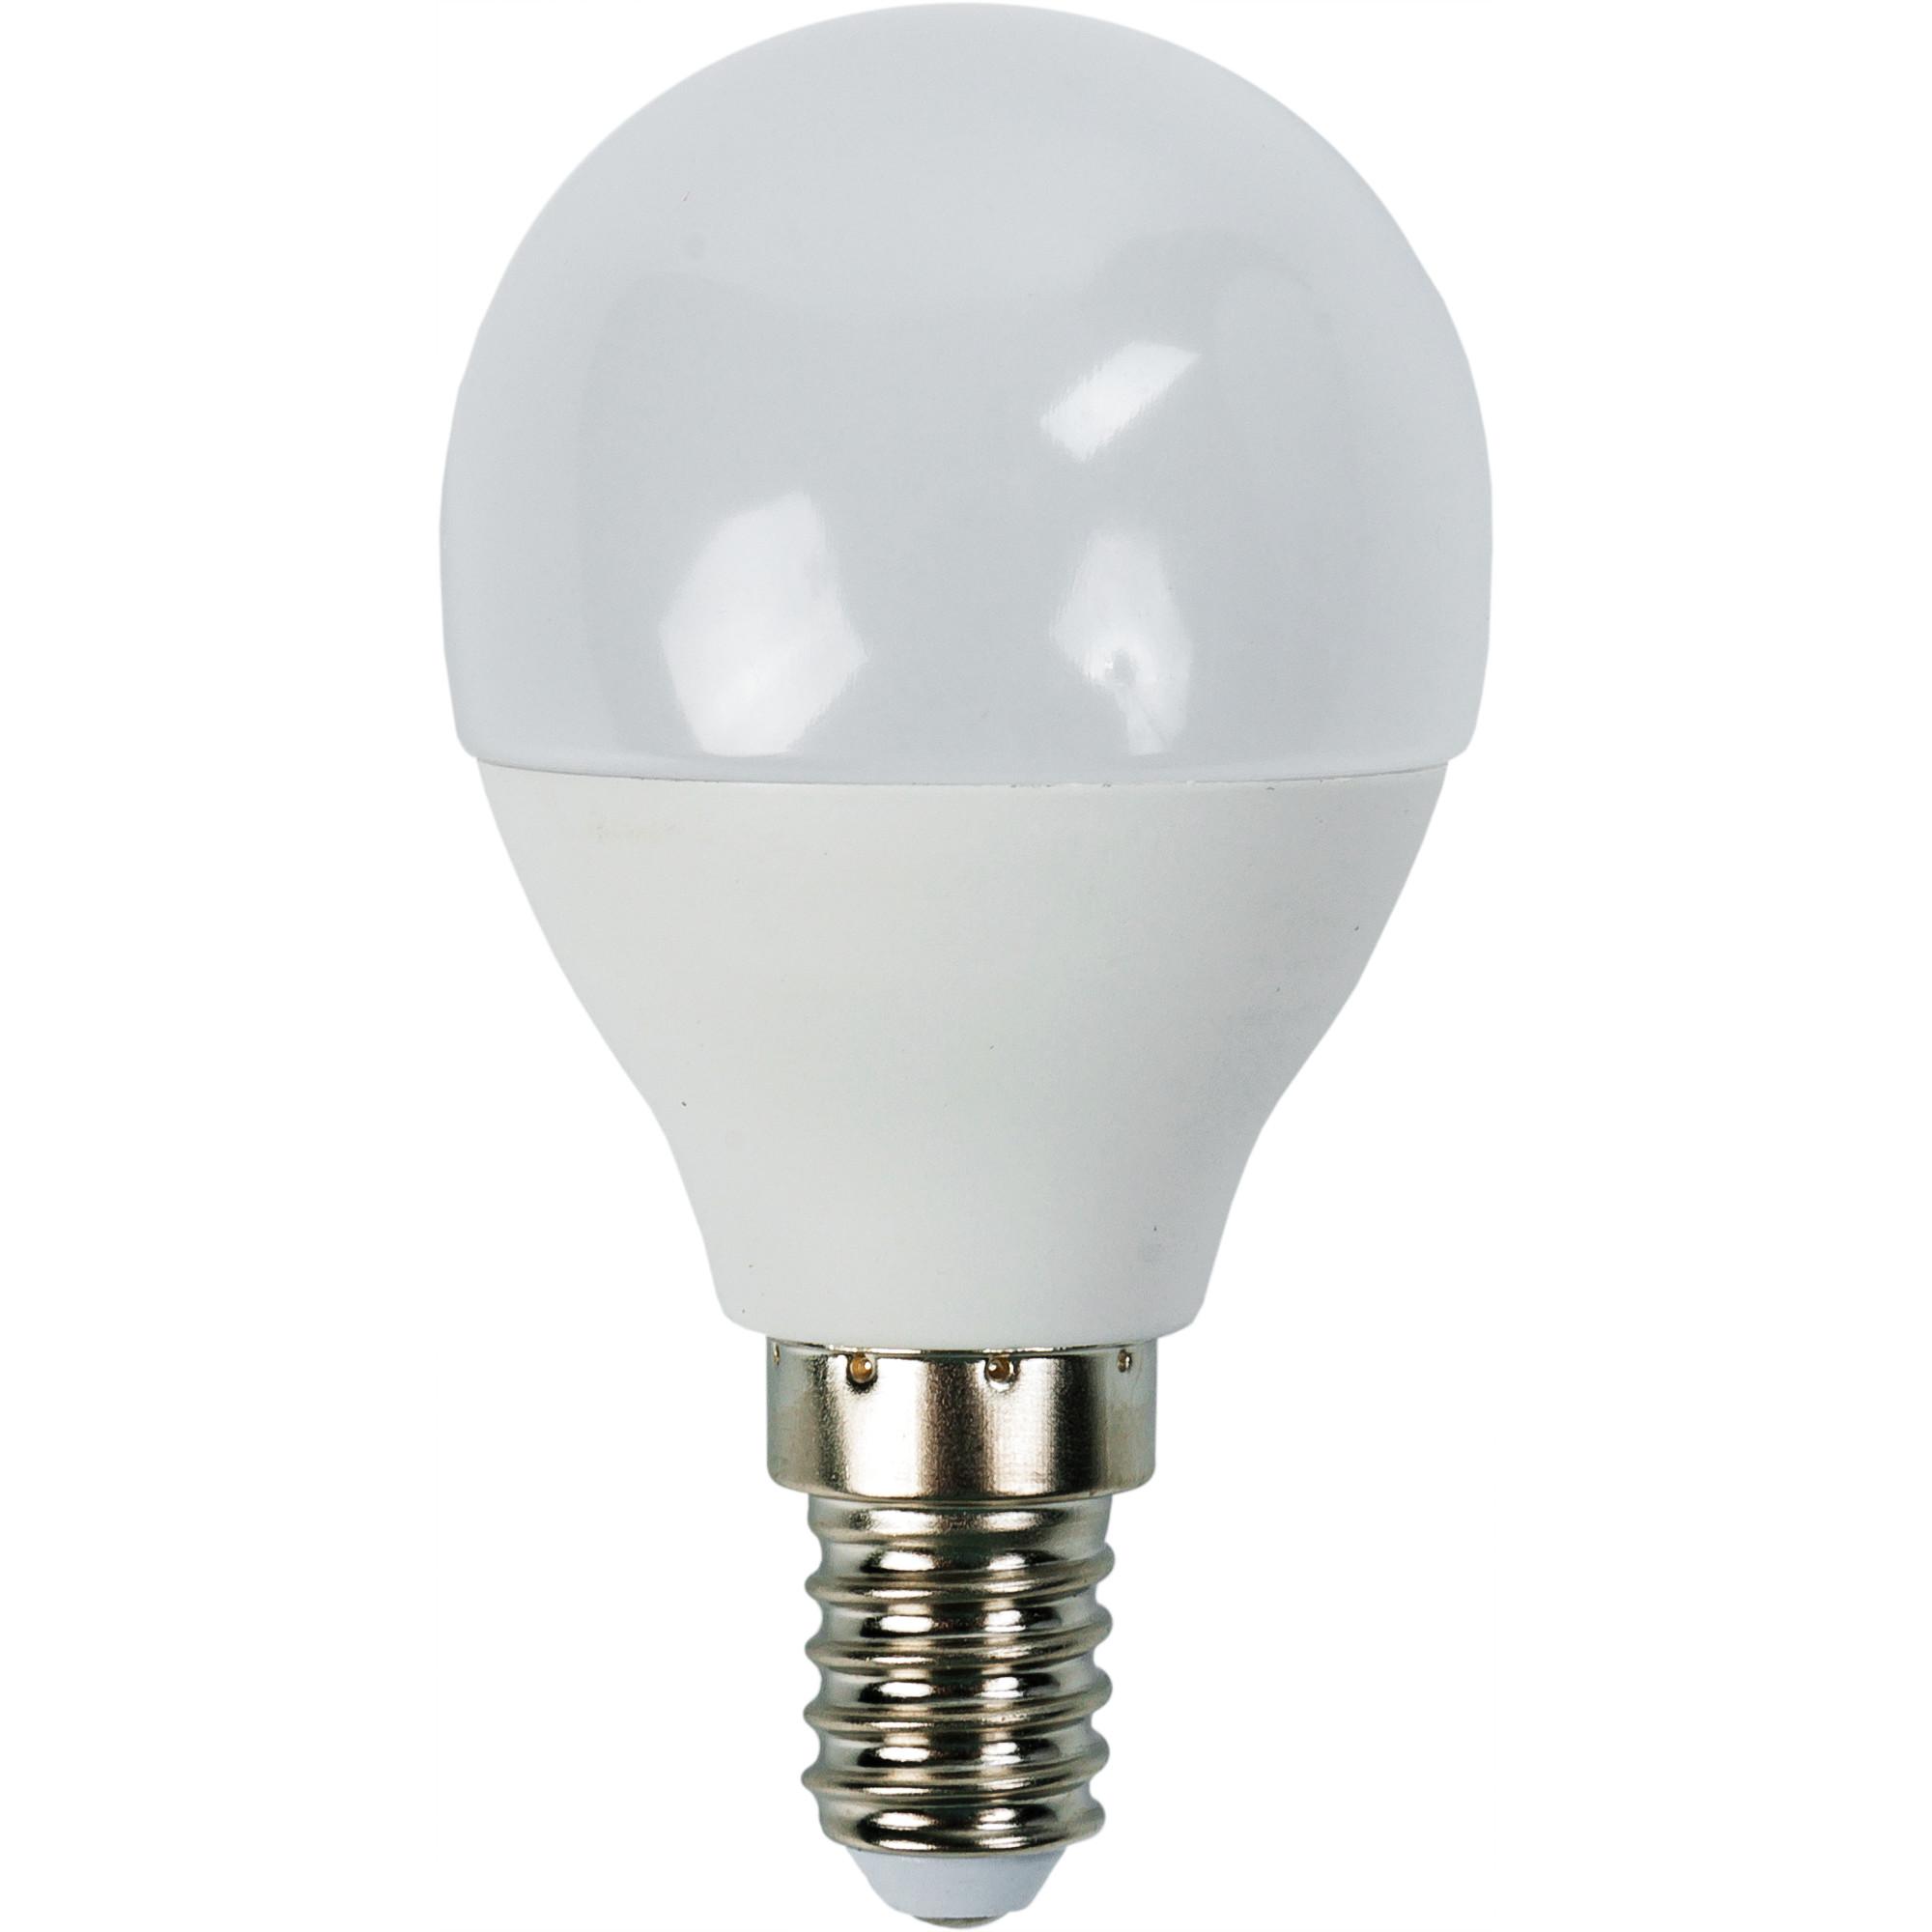 Лампа светодиодная Bellight E14 220-240 В 6 Вт шар 480 лм тёплый белый свет